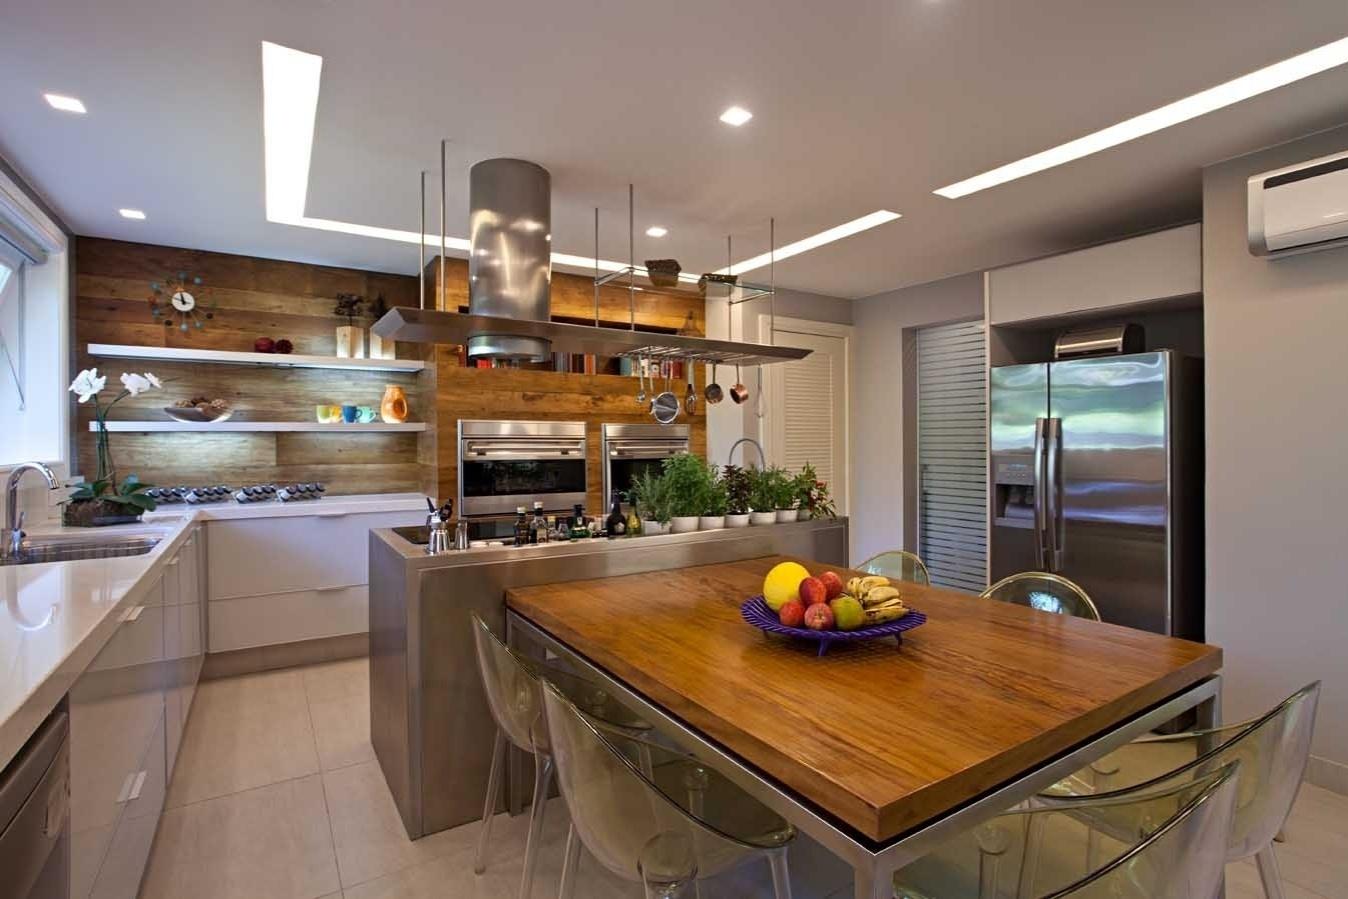 Inspire se em modelos de cozinha para decorar a sua #A36928 1348 899